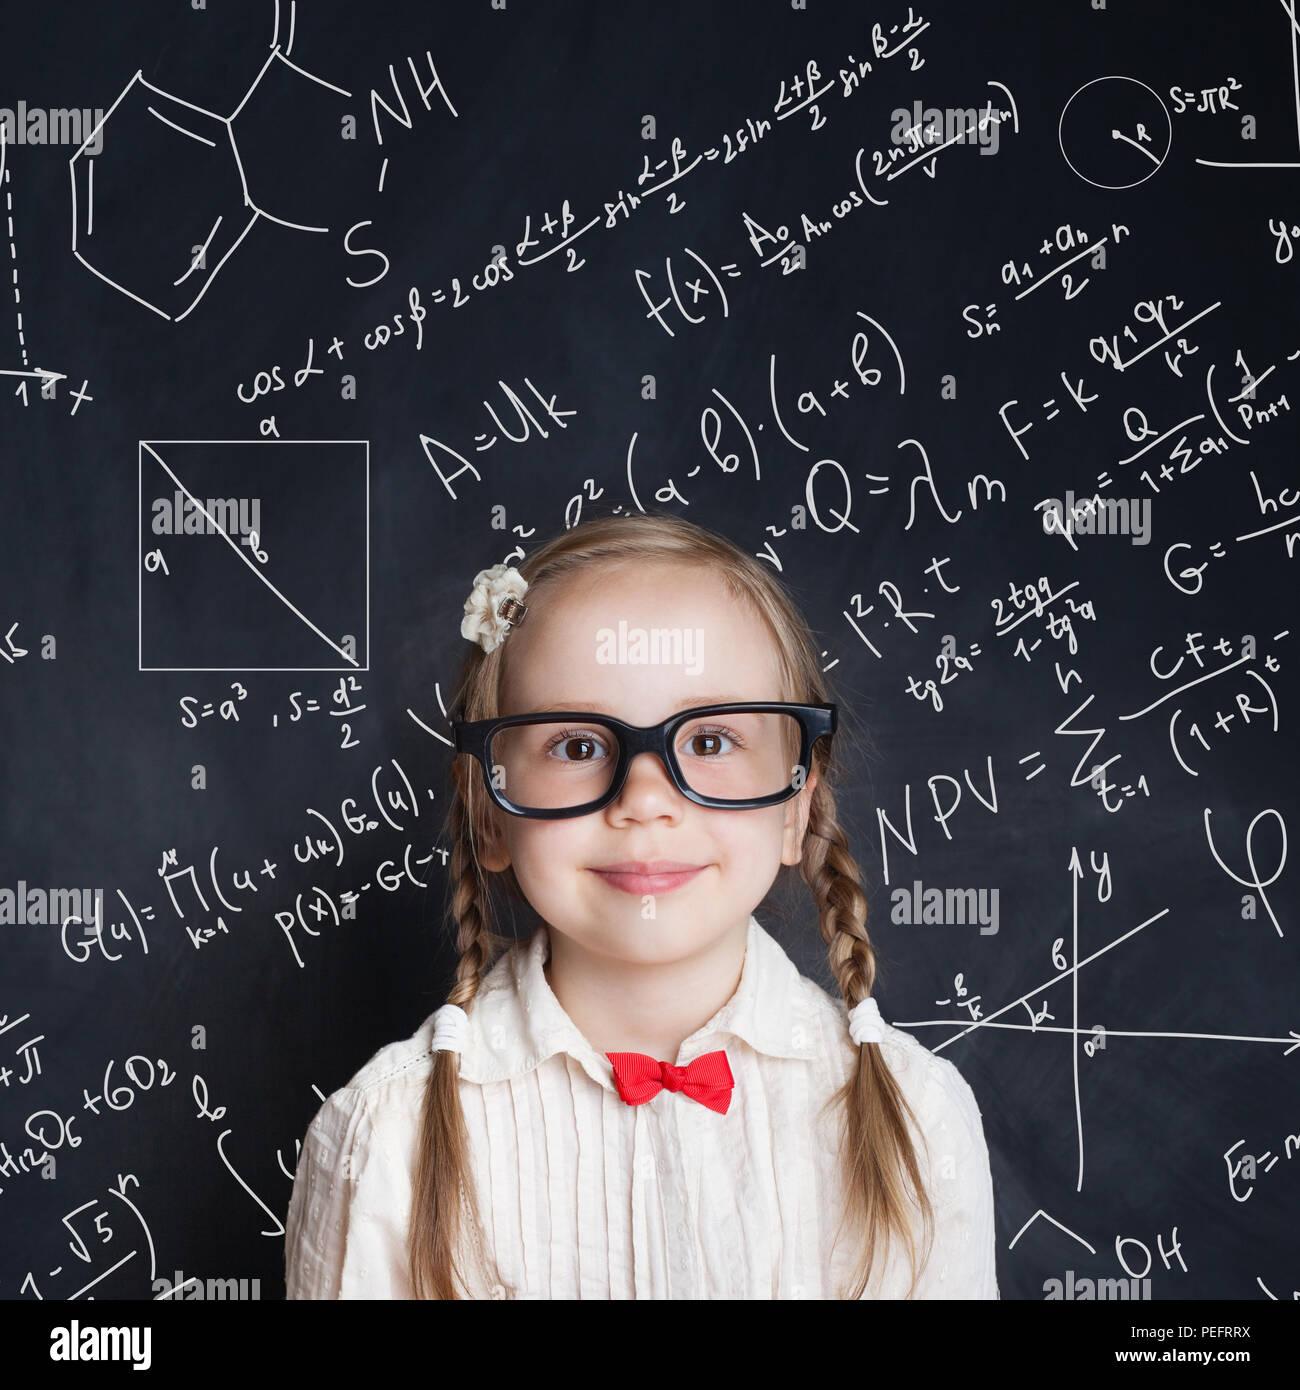 Little Genius. Smart bambina math studente alla scuola di blackboard sfondo con disegni a mano la scienza formula pattern. Bambini Educazione matematica c Immagini Stock